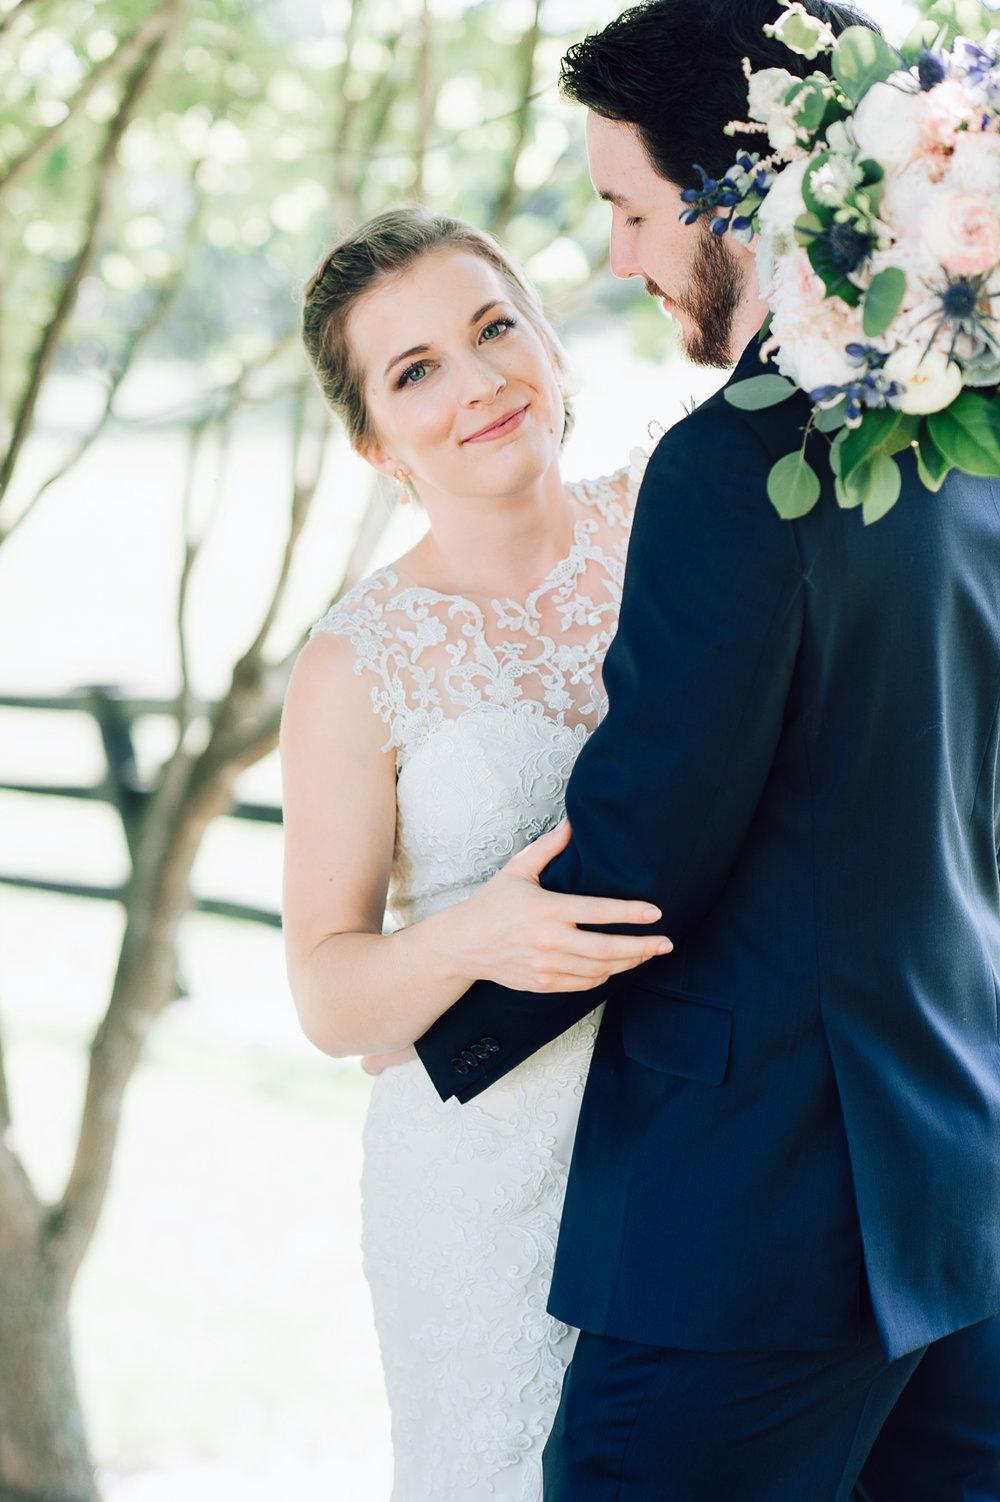 charlottesvillewedding_backyardwedding_virginia_youseephotography_CaitlinDerek (40).jpg